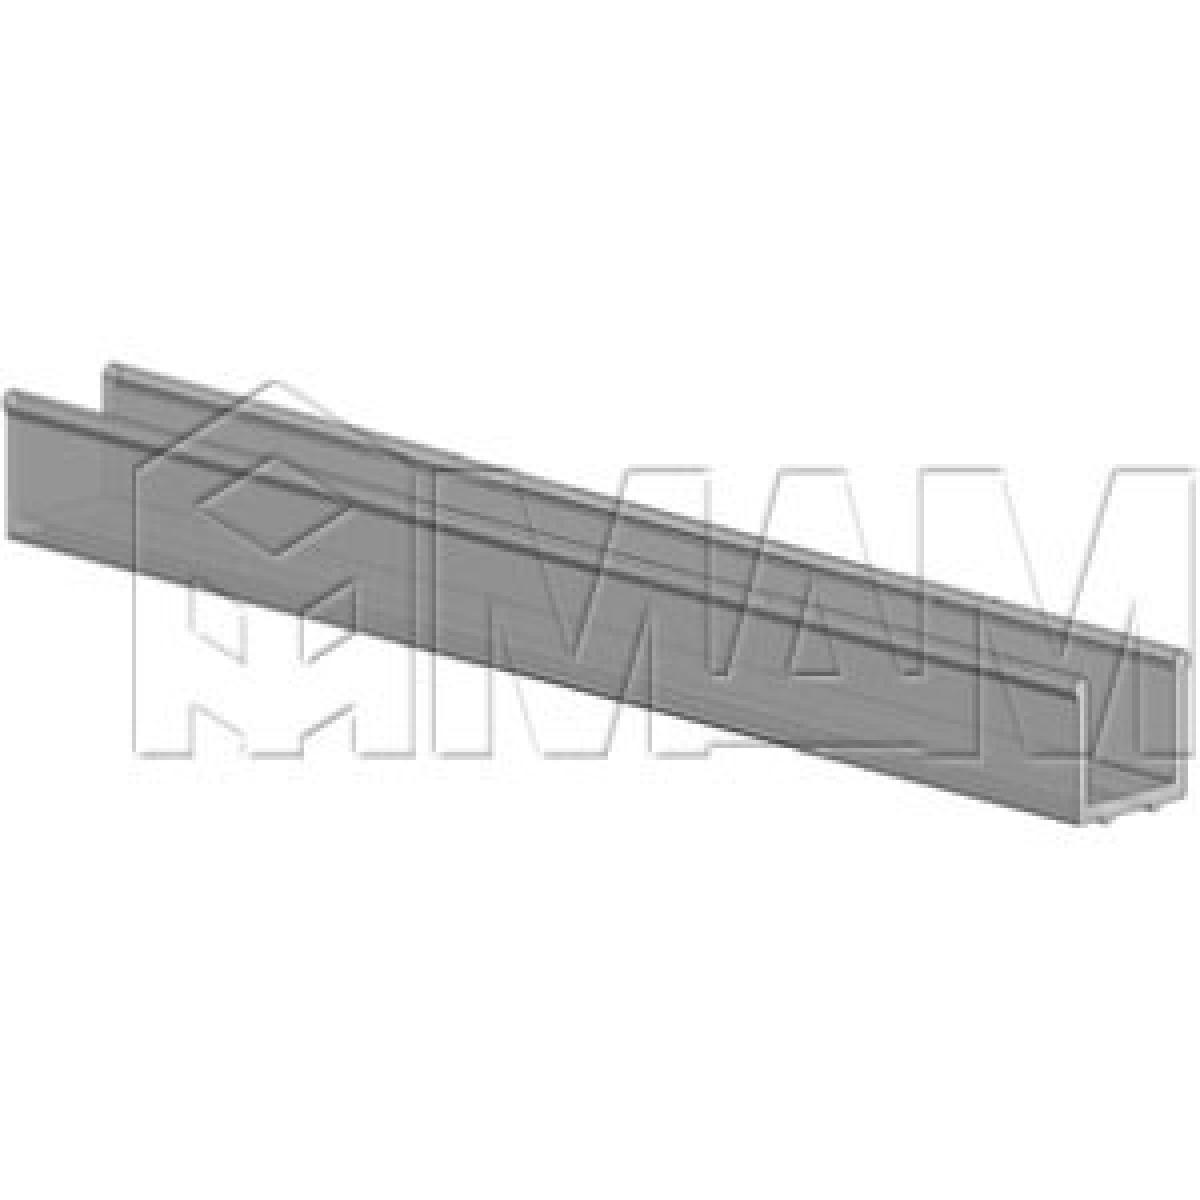 PS19 Уплотнитель для стекла, толщ. стенок 0,8 мм, L-3000